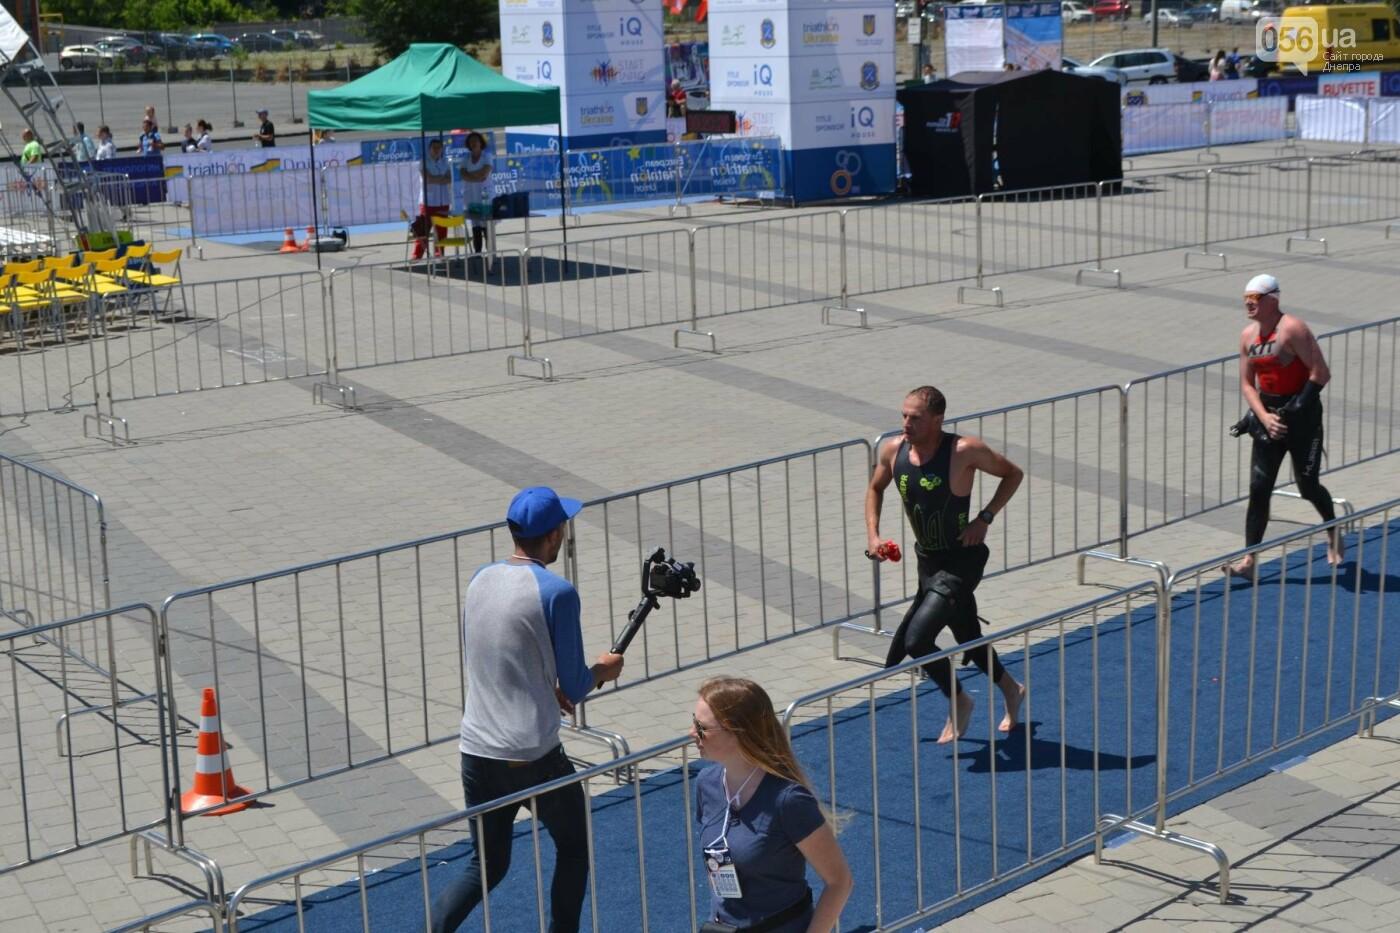 Плаванье, езда на велосипеде, бег: в Днепре стартовали соревнования по триатлону, - ФОТОРЕПОРТАЖ , фото-3